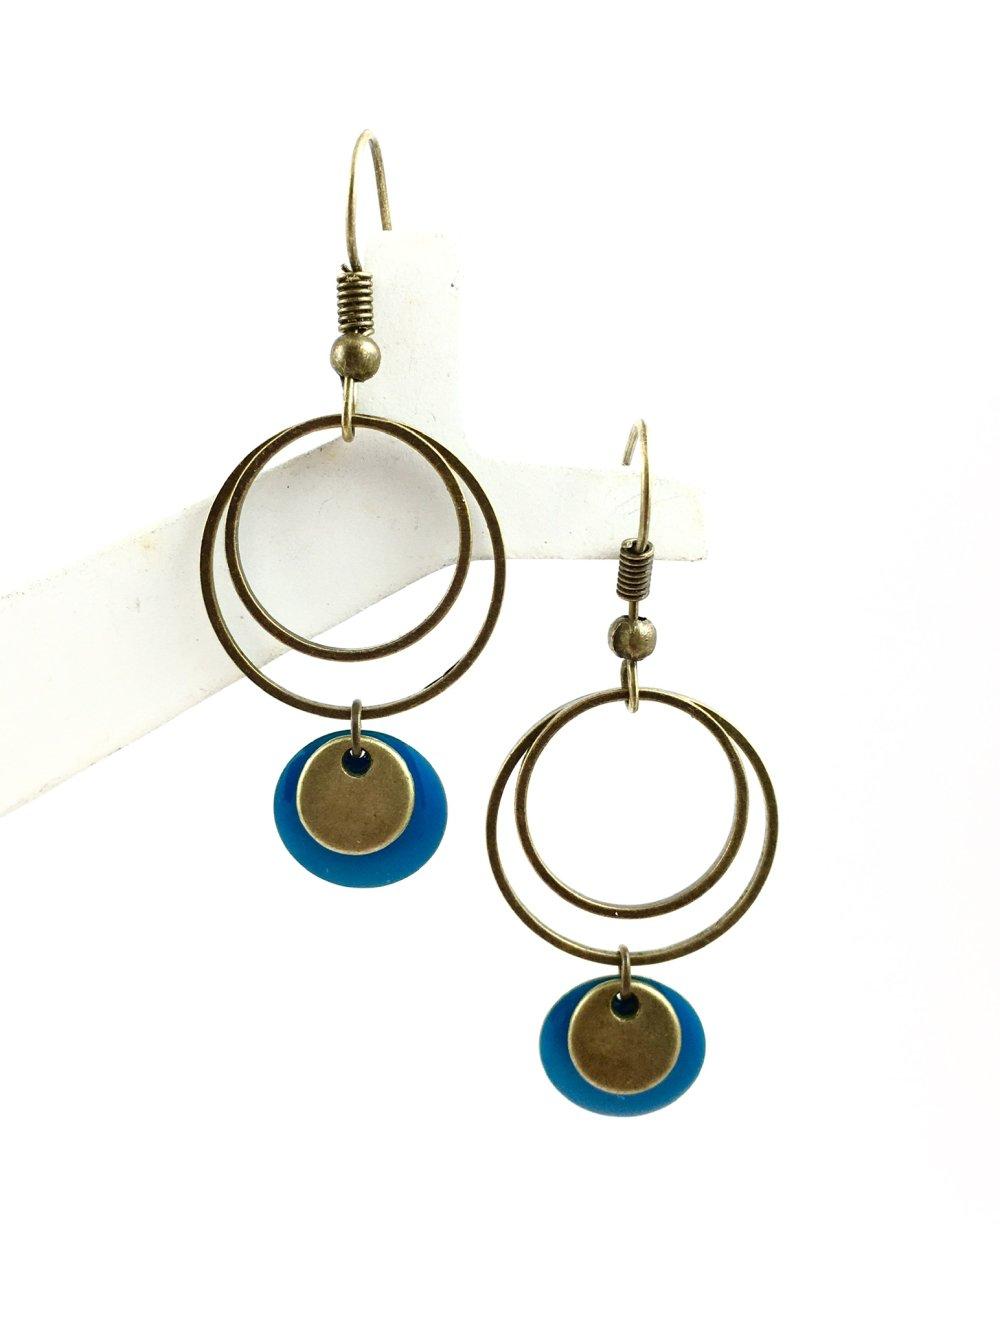 Boucles d'oreilles pendantes anneaux bronze, Sequin émaillé Bleu, bohème, chic, mariage, original, pendentif